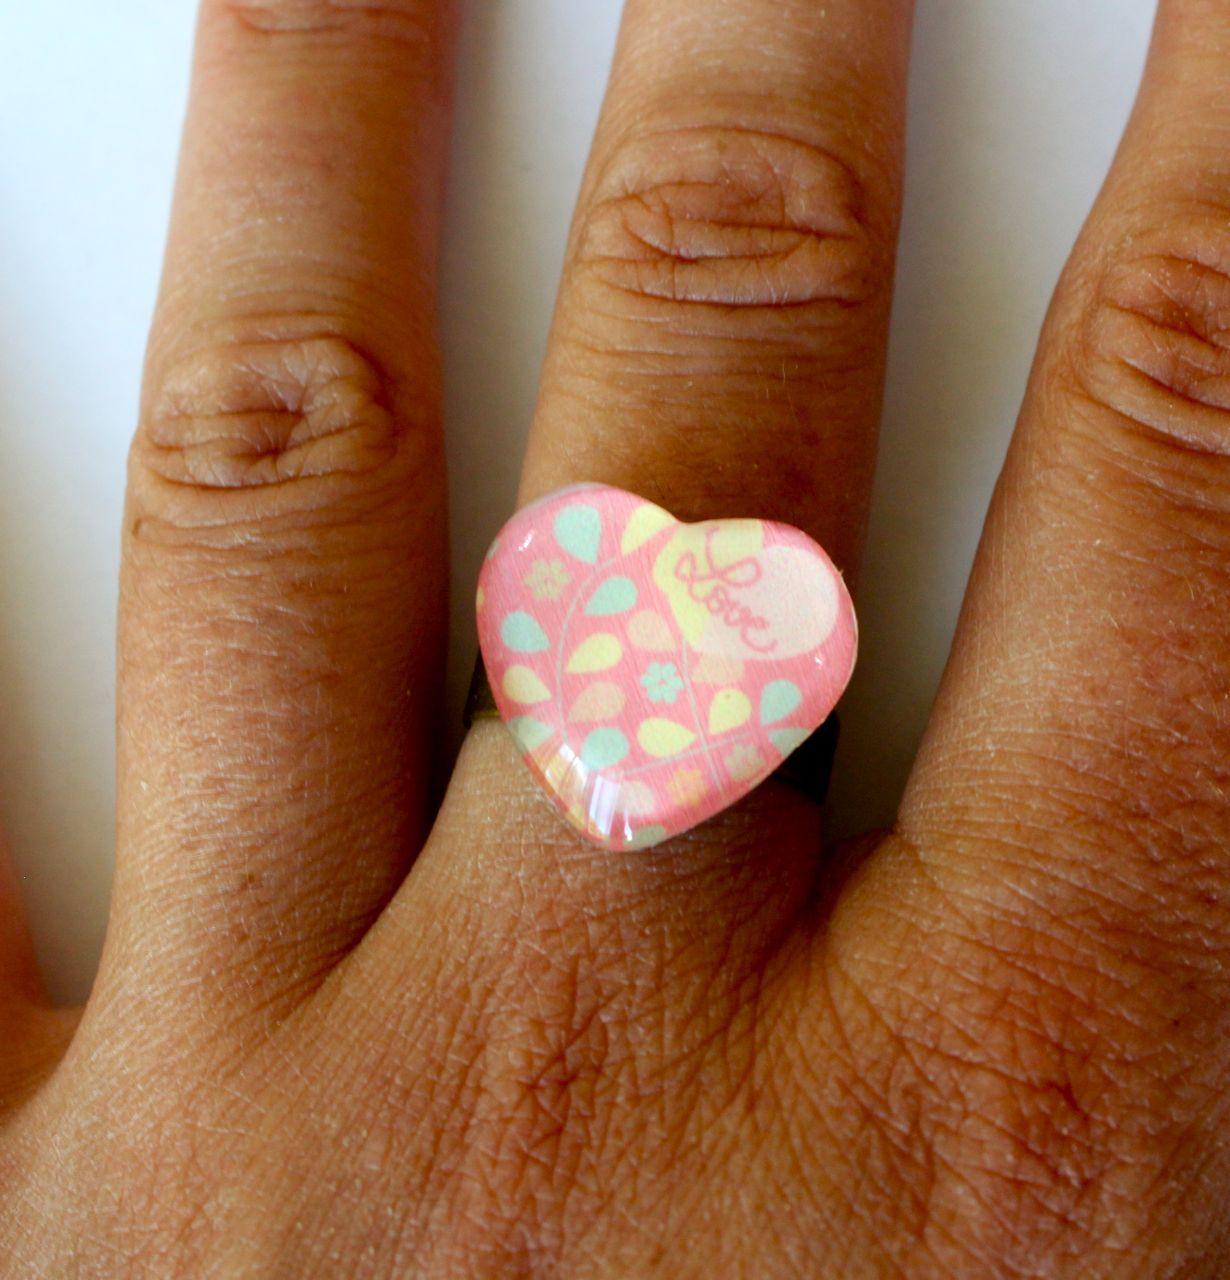 http://www.alittlemarket.com/bague/fr_bague_cabochon_coeur_avec_motifs_gouttes_jaunes_roses_et_vertes_avec_inscription_love_sur_le_haut_-9626373.html